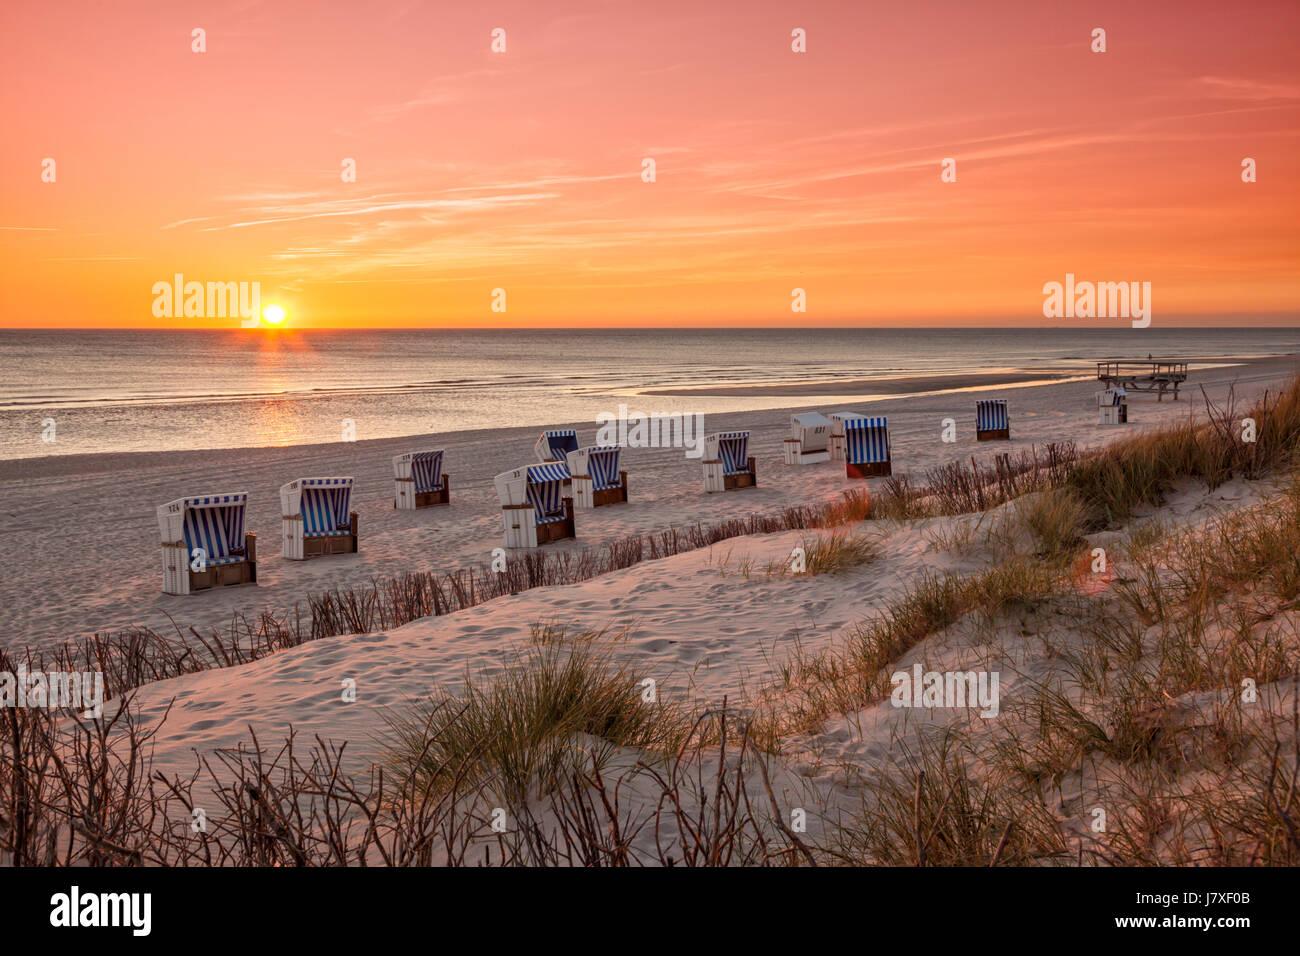 Strand nordsee sonnenuntergang  Strandkörbe am Nordsee Strand von Hörnum, Sylt, im Sonnenuntergang ...